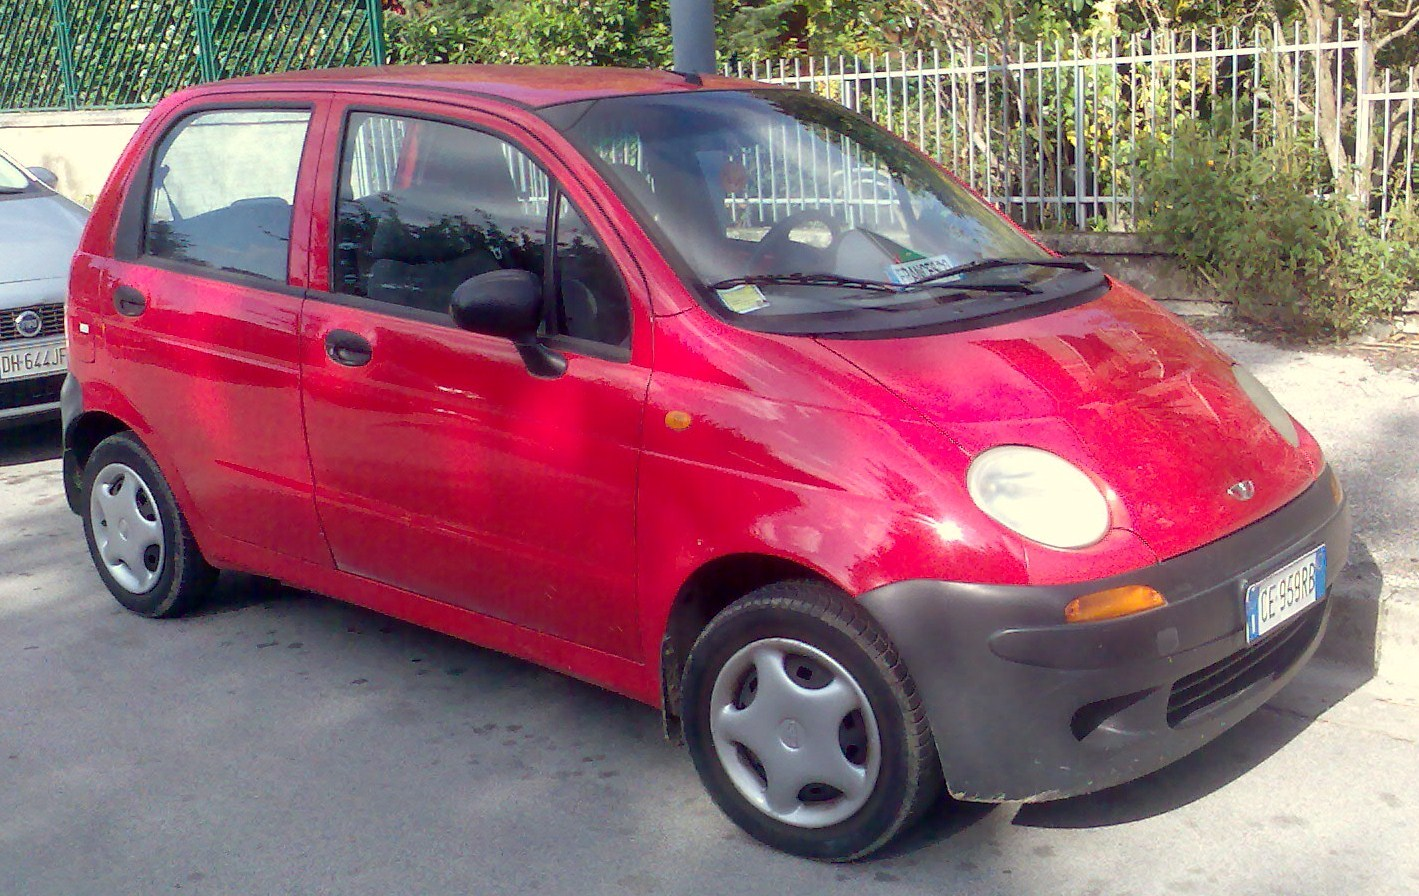 File:Daewoo Matiz M100 red.jpg - Wikimedia Commons